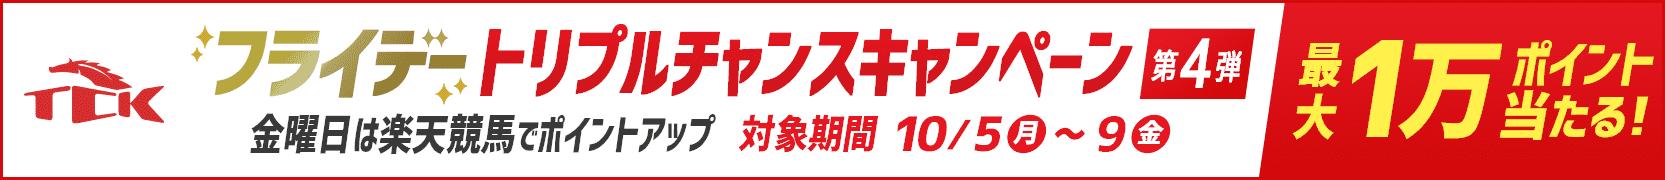 TCKフライデートリプルチャンスキャンペーン(第4弾)